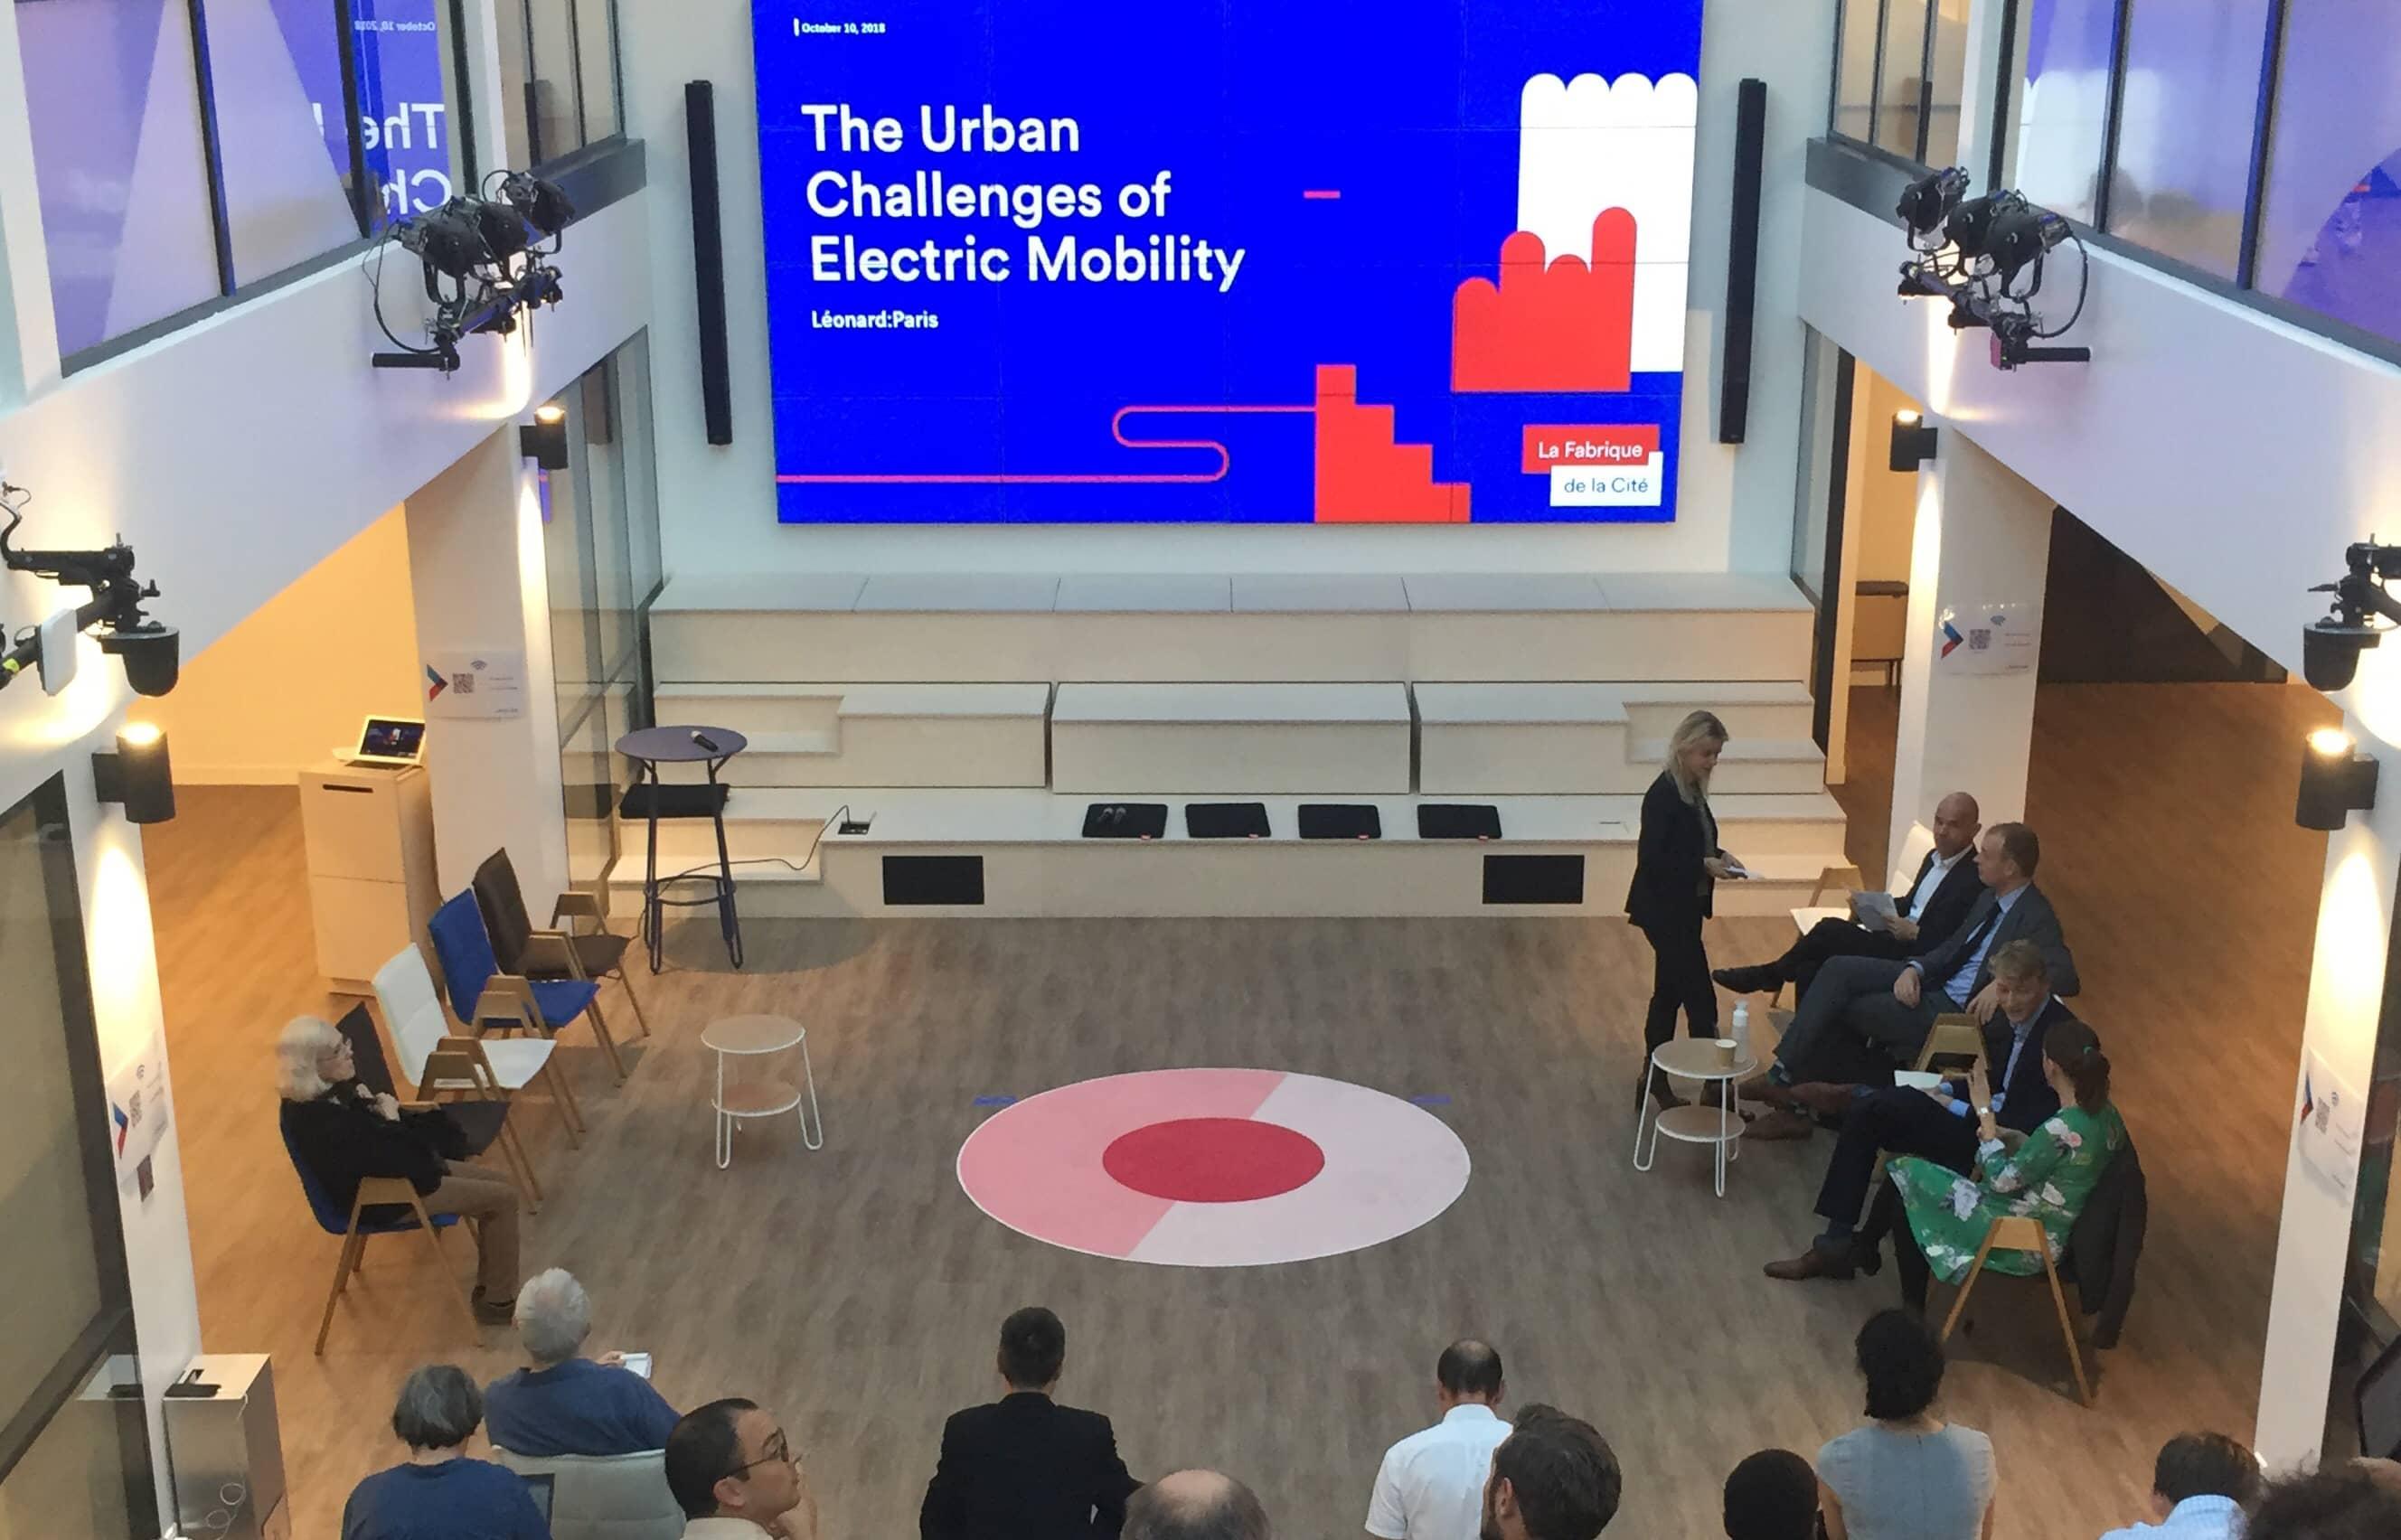 Les défis urbains de la mobilité électrique - 10102018